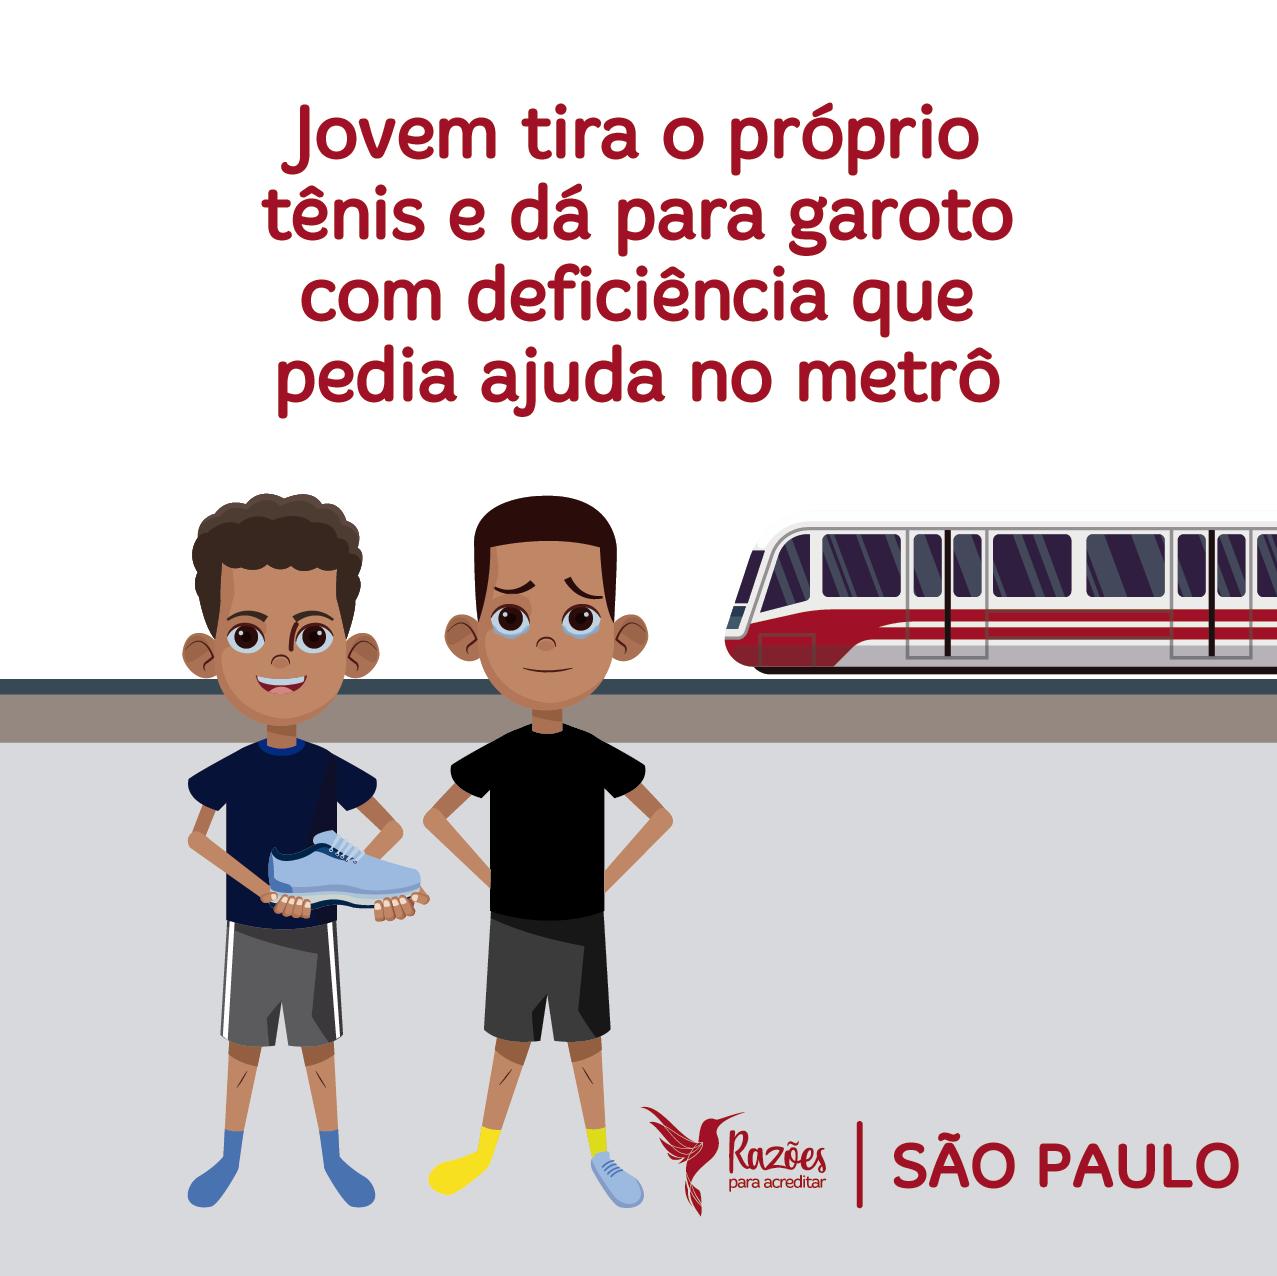 boas notícias ilustrações razões para acreditar São Paulo